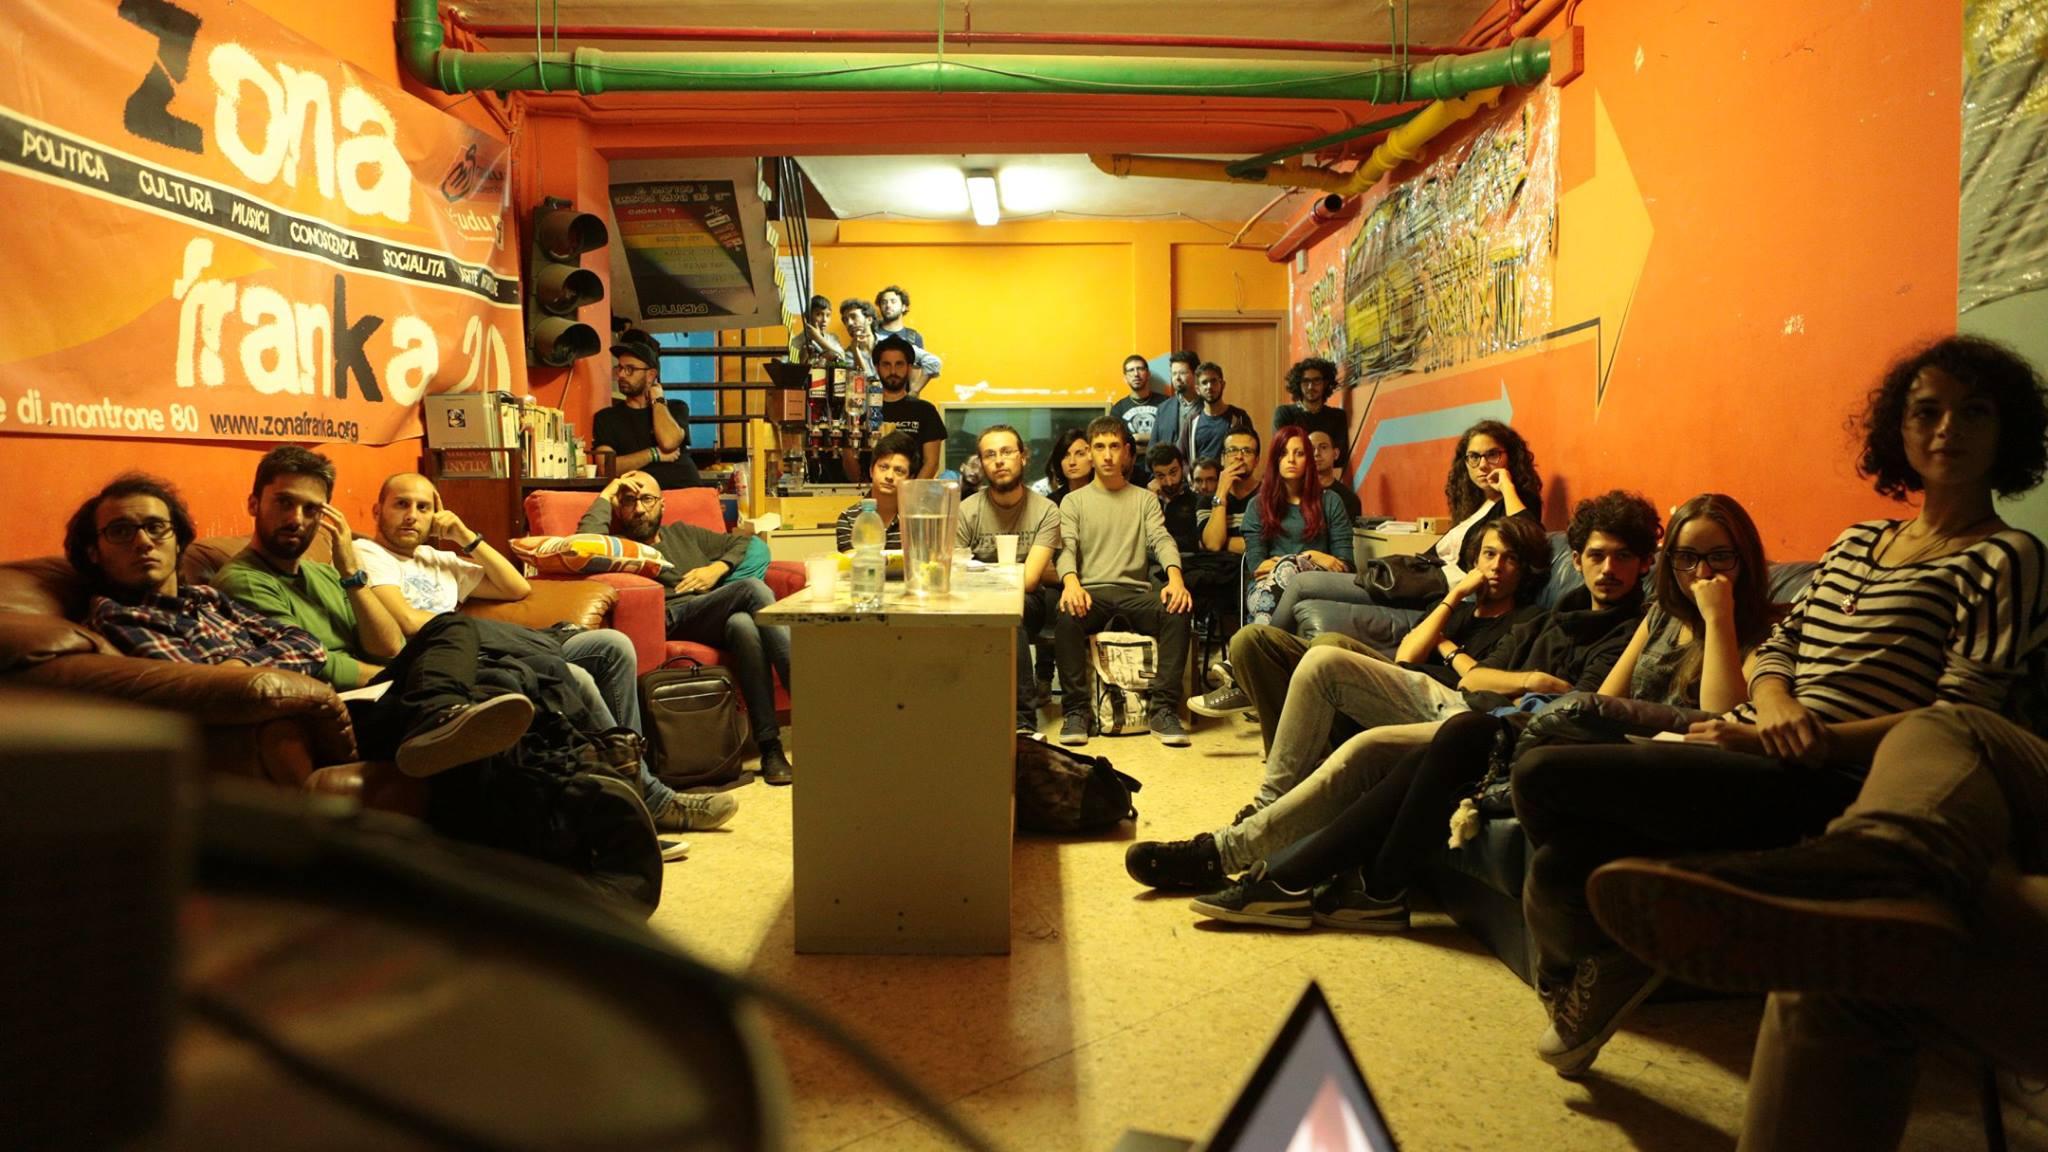 La Scuola Open Source - Zona Franka